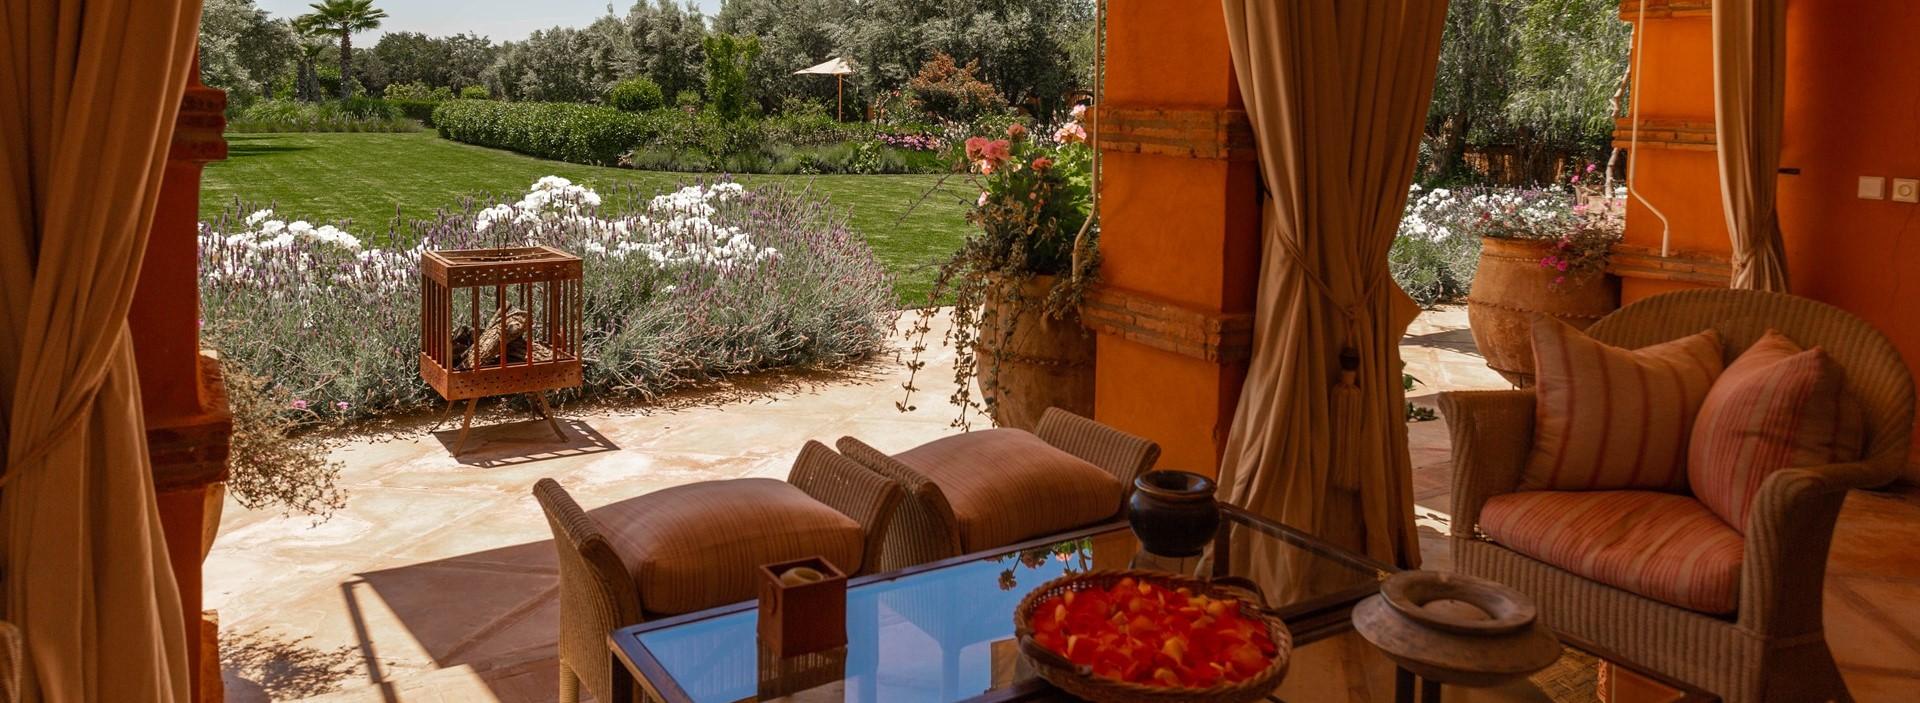 villa-dar-tourtite-garden-view